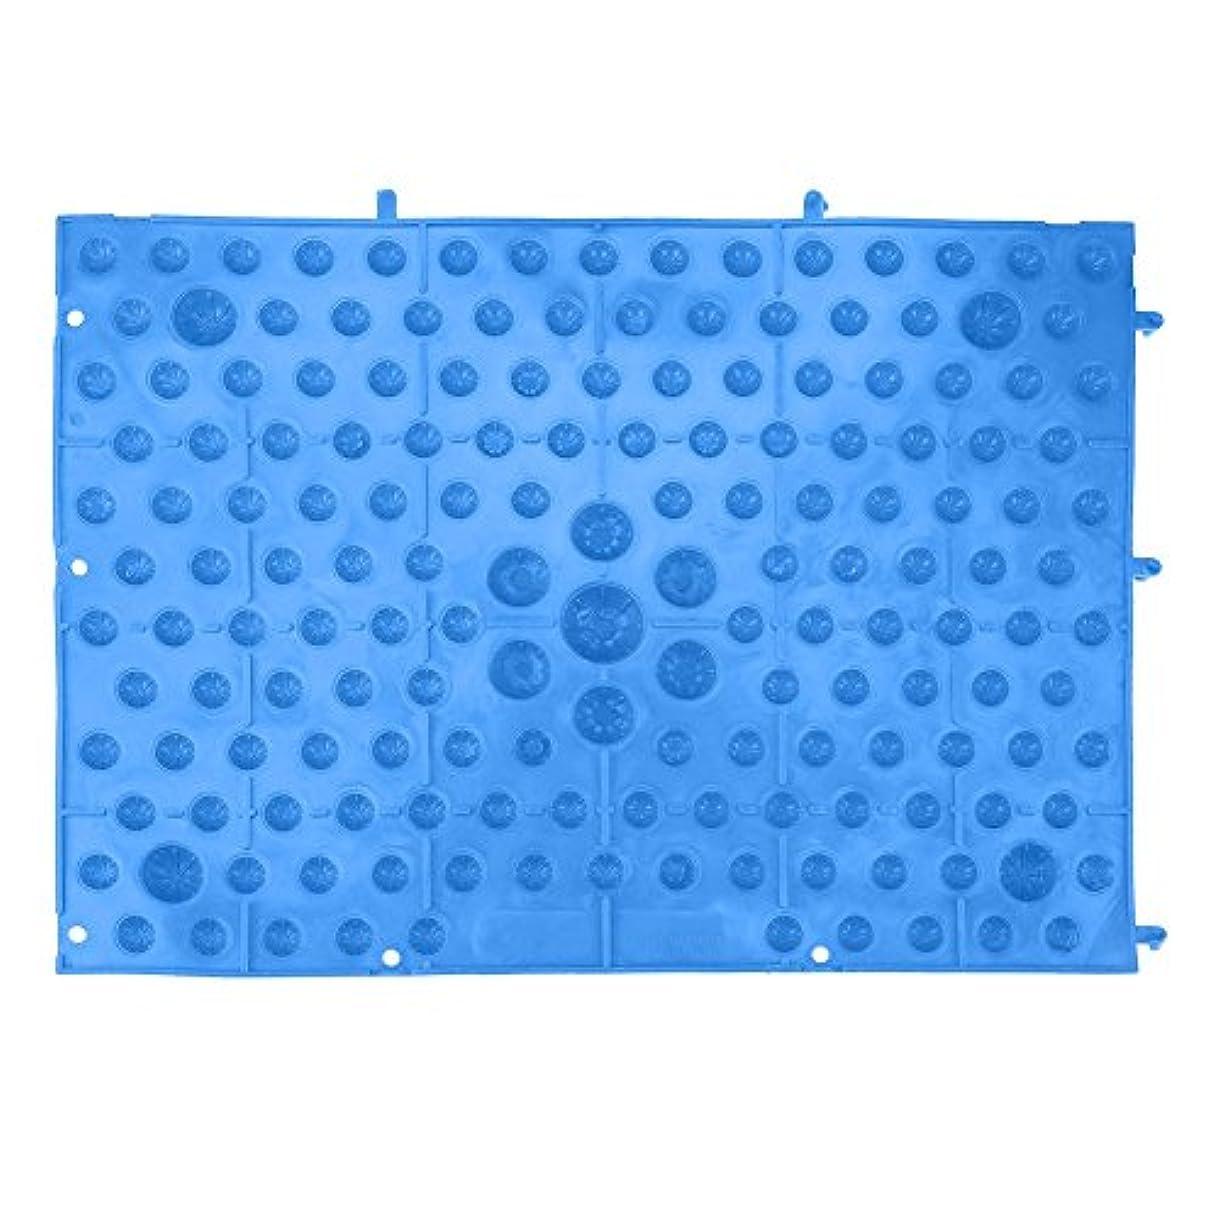 規制巨大ホストフットマッサージマット 足つぼマット 足踏み 足ツボ 指圧シート 足の圧力プレート ヘルスケアマッサージマット 血液循環を促進する 室内外 運動 余暇 全6色(ブルー)